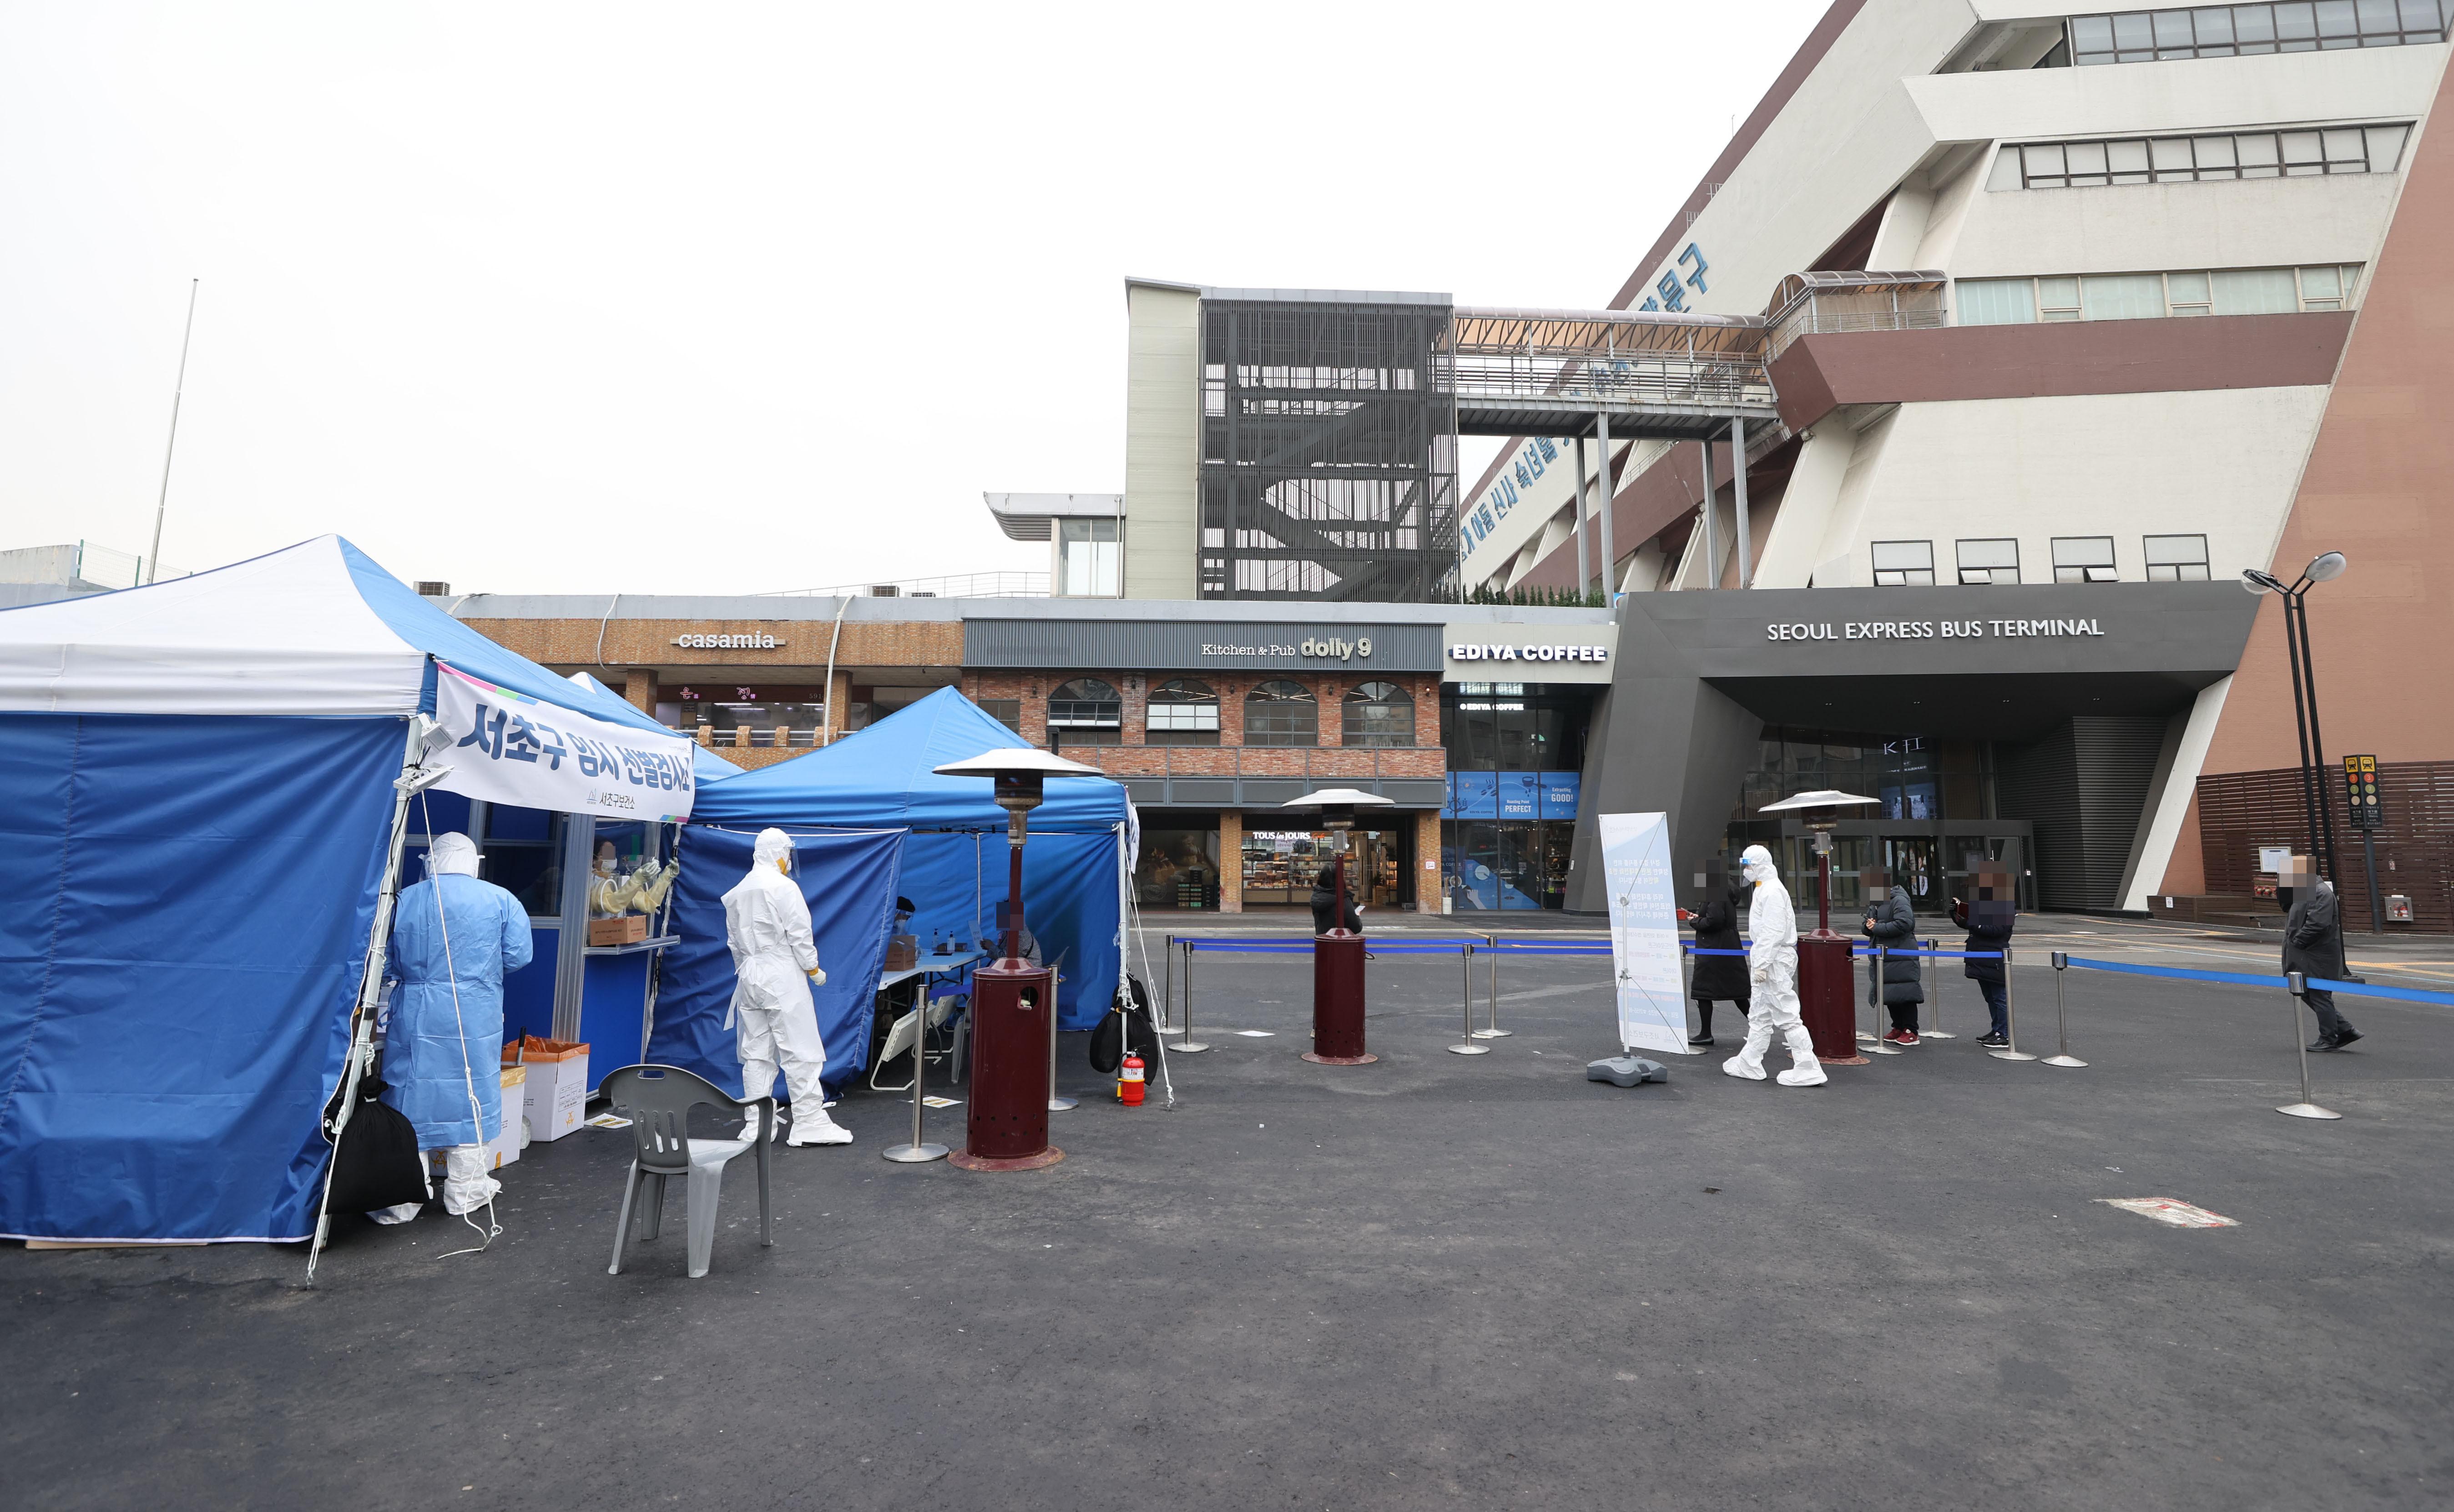 ▲▼南韓首爾某客運轉乘站外架起臨時篩檢所。(圖/達志影像)